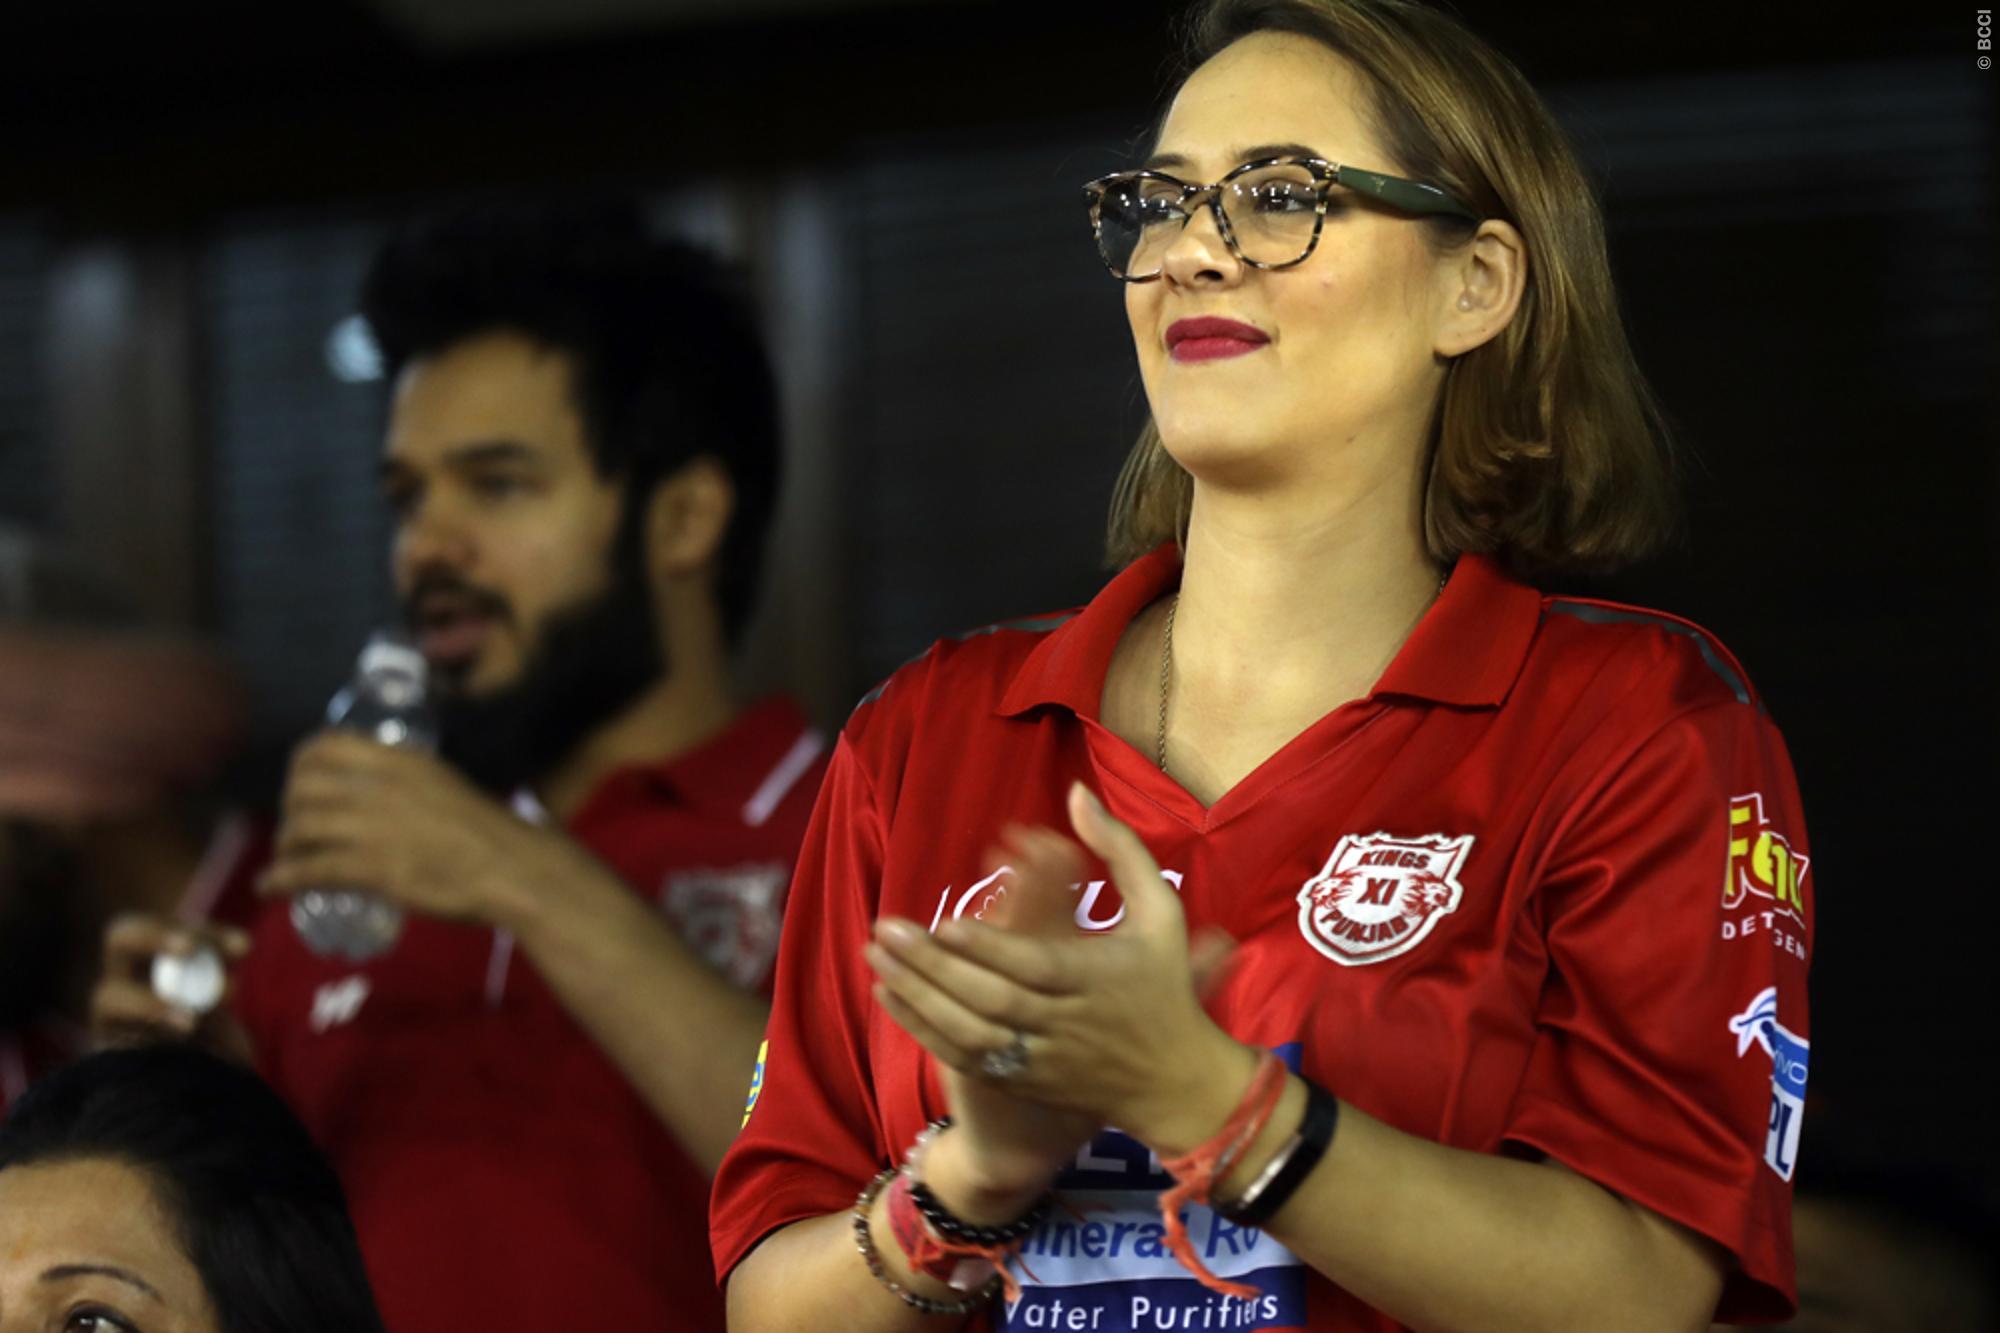 युवराज सिंह को चीयर करने पत्नी हेजल कीच के साथ पहुंची उनकी सबसे करीबी ये शख्स, लेकिन युवी को नहीं मिला बल्लेबाजी 1